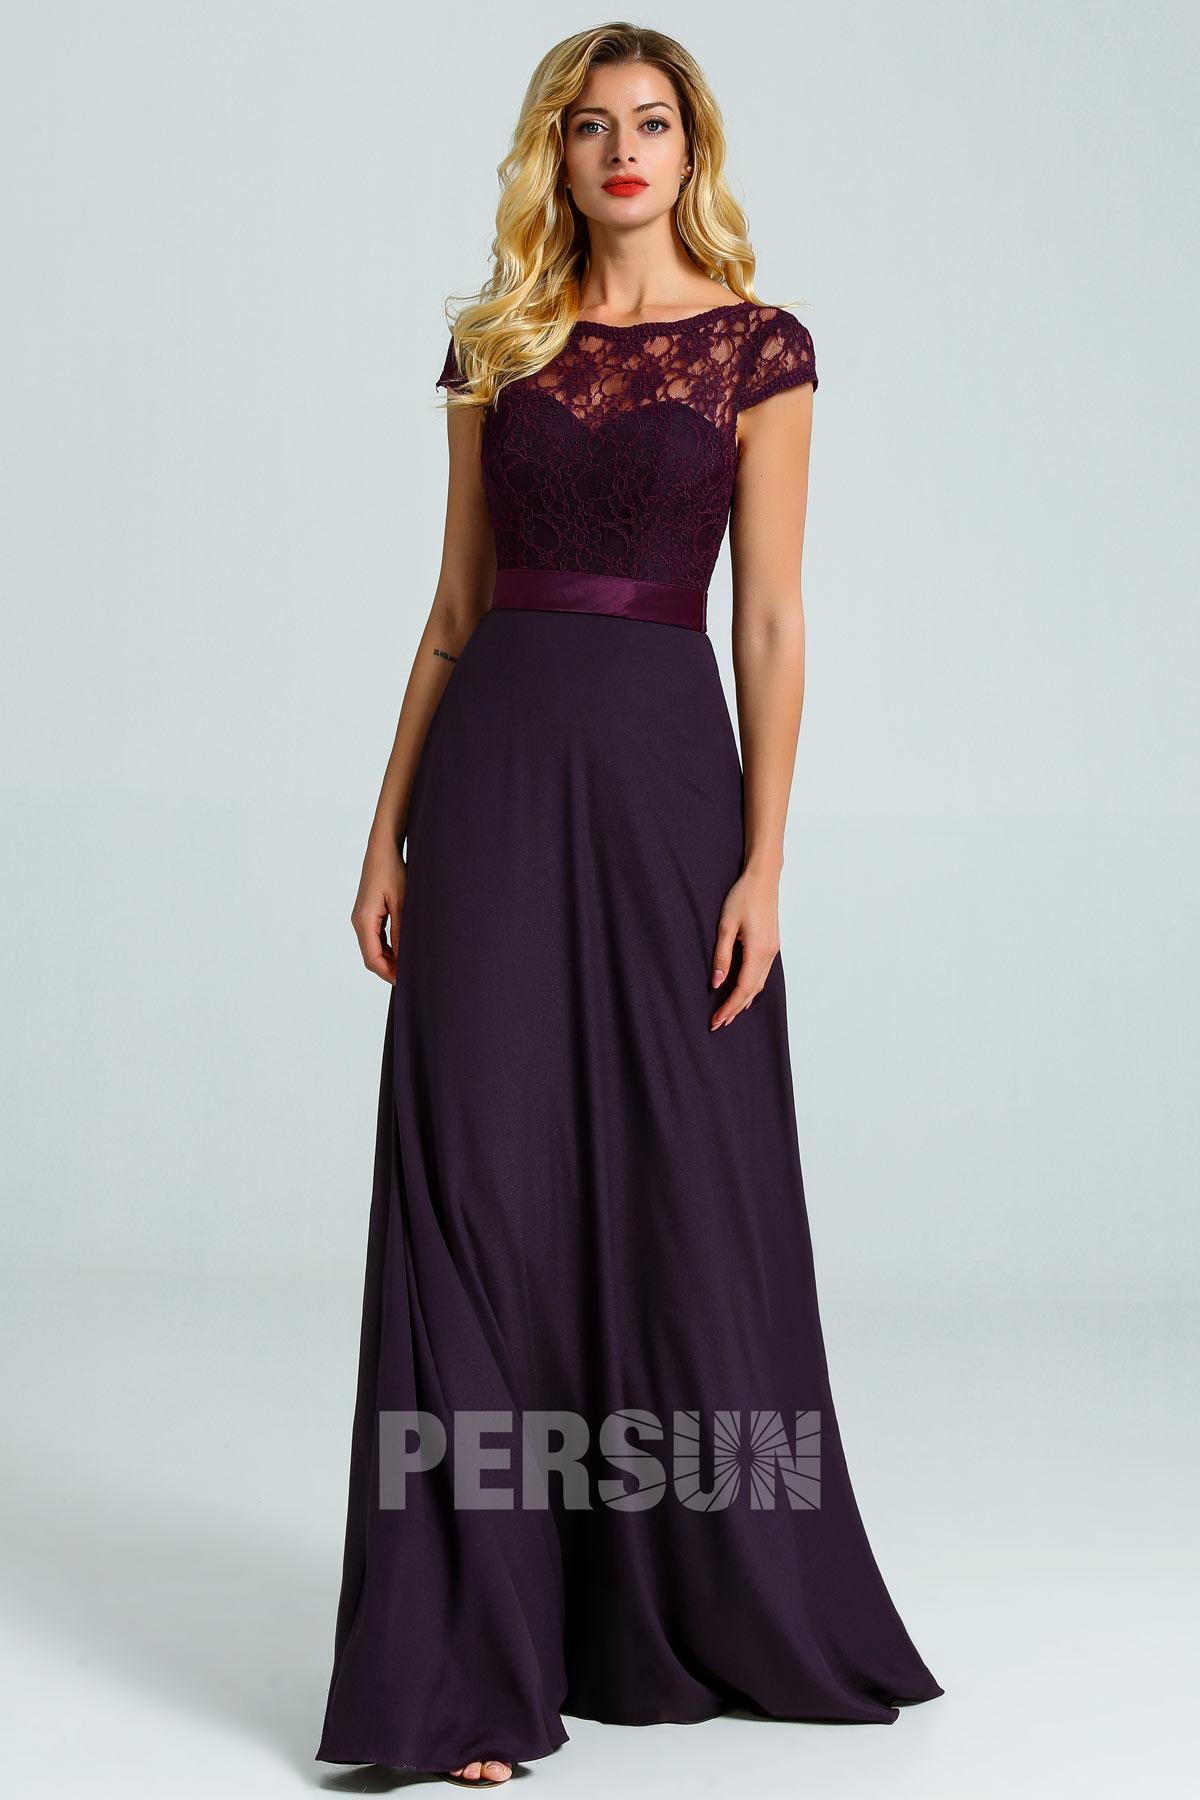 robe de soirée longue prune avec haut détachable en dentelle